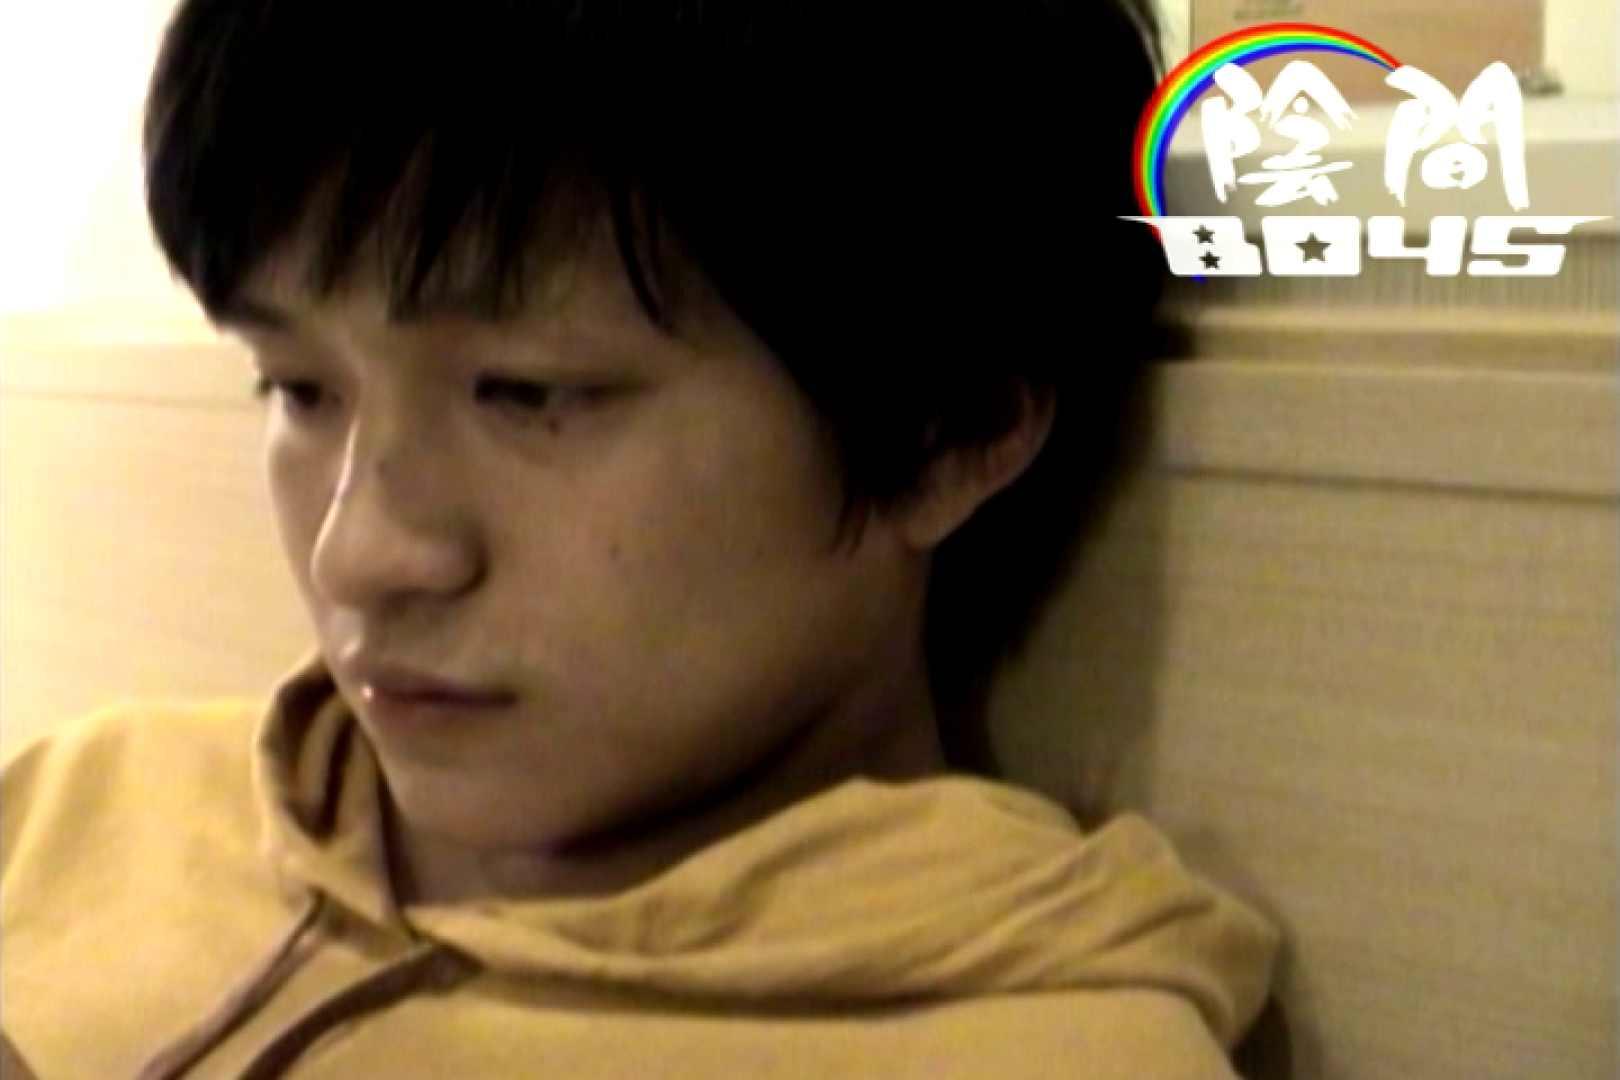 陰間BOYS~My holiday~01 入浴・シャワー丸見え ゲイAV画像 108pic 104